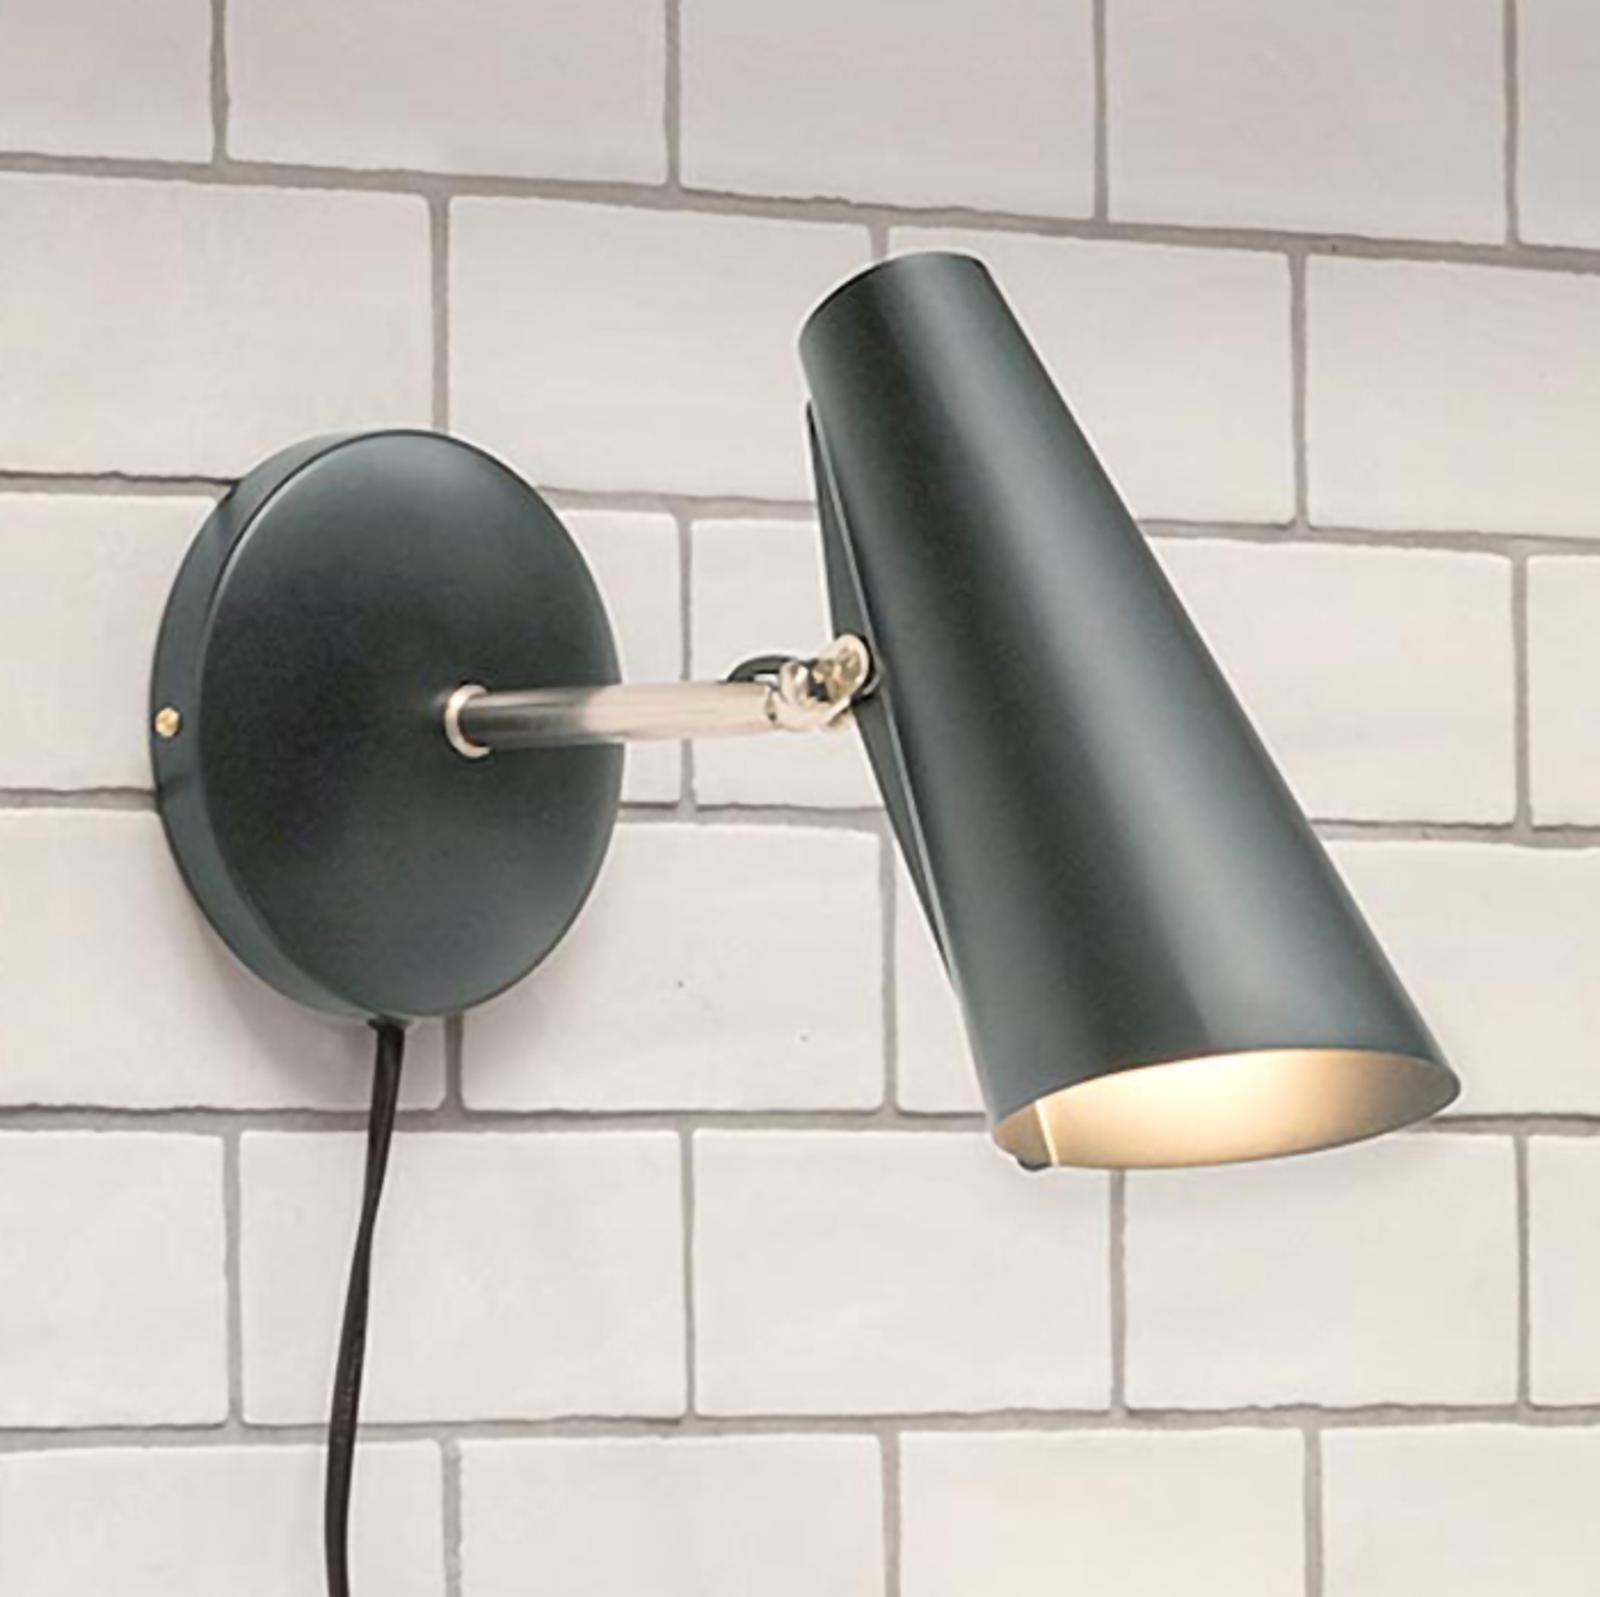 Northern Birdy - Wandlampe mit Stecker, 31,5 cm